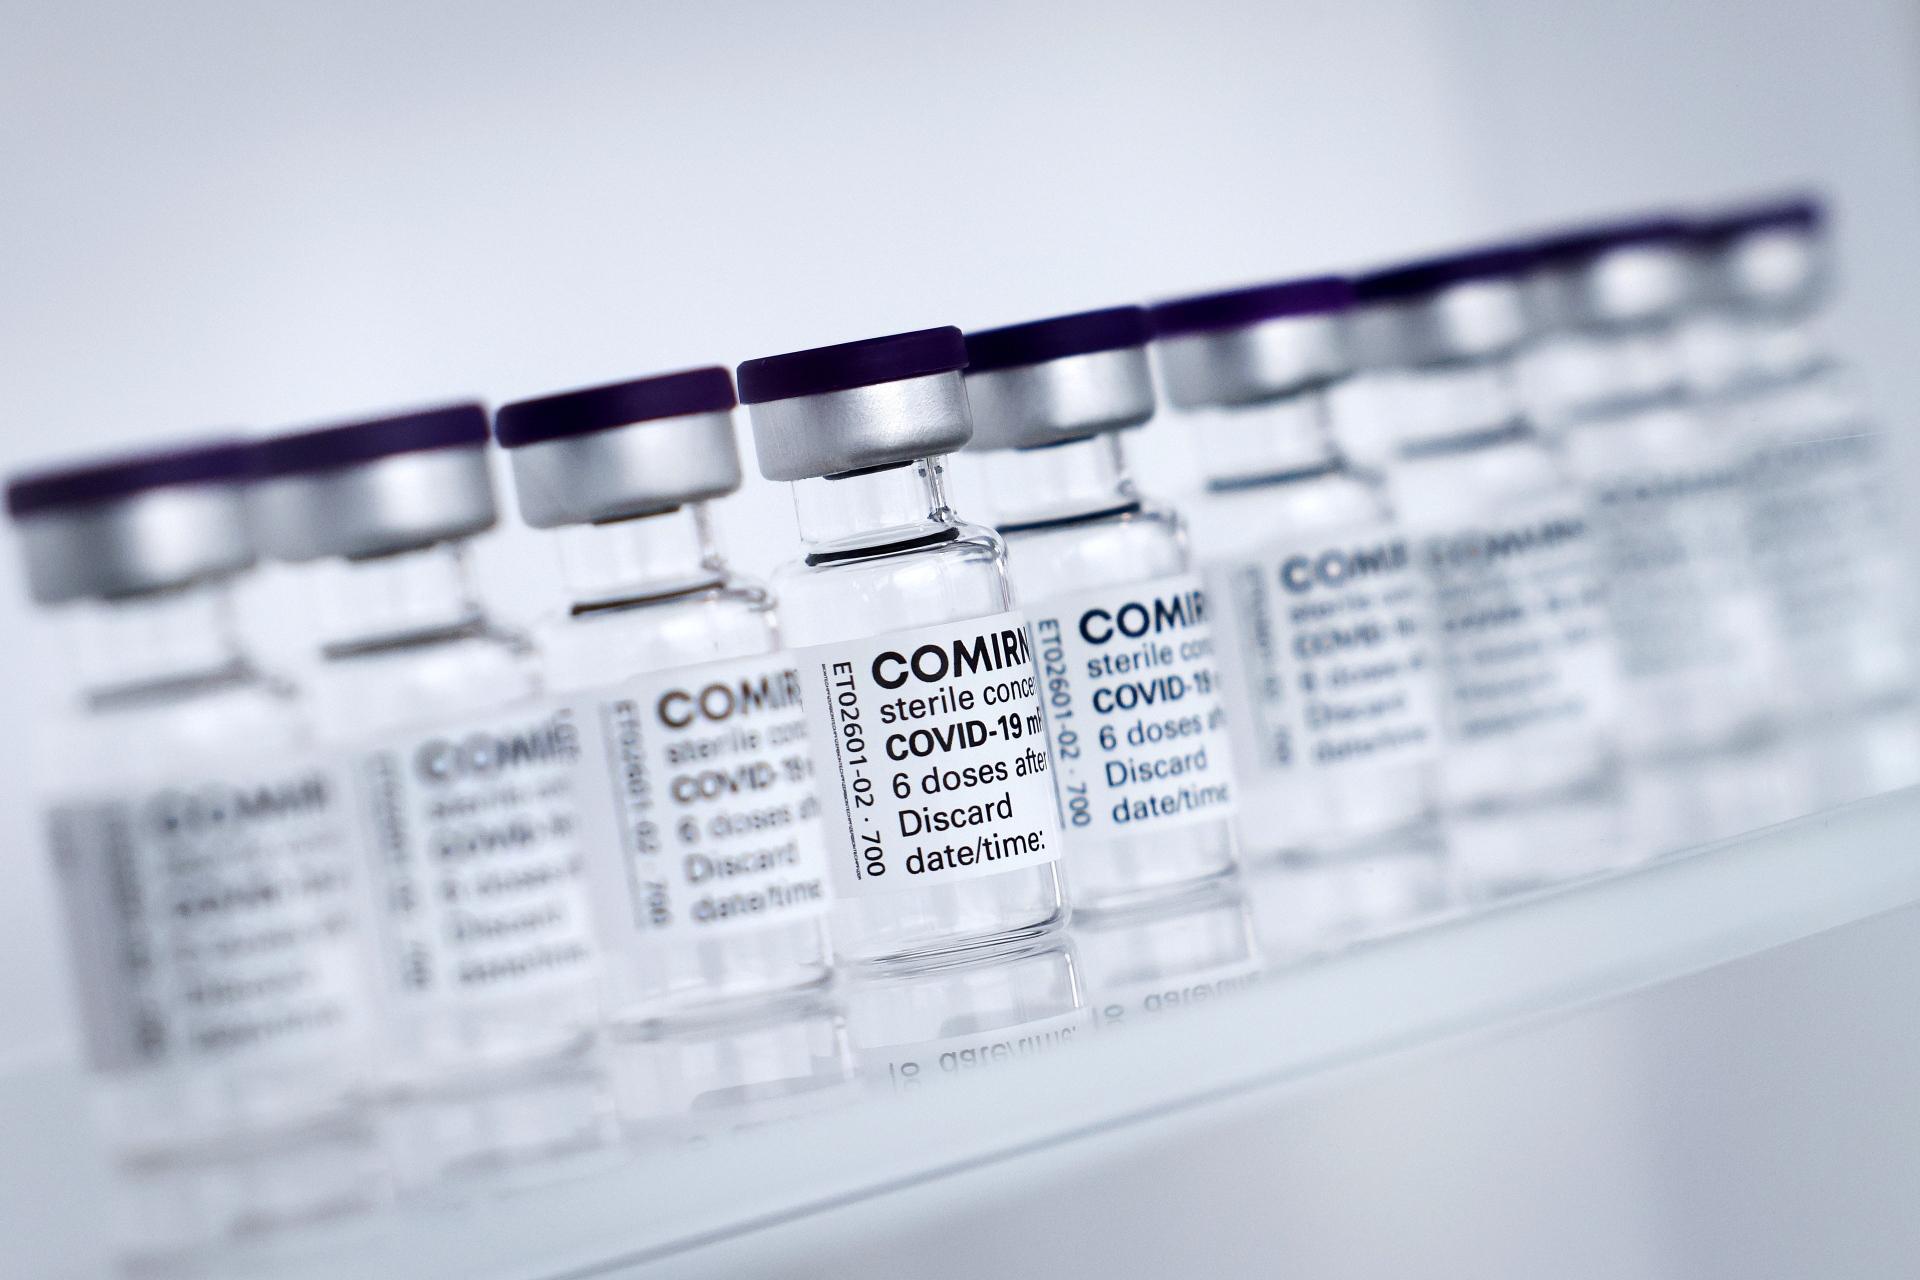 UE assinou novo contato para comprar até 1,8 bilhão de doses de vacina da Pfizer